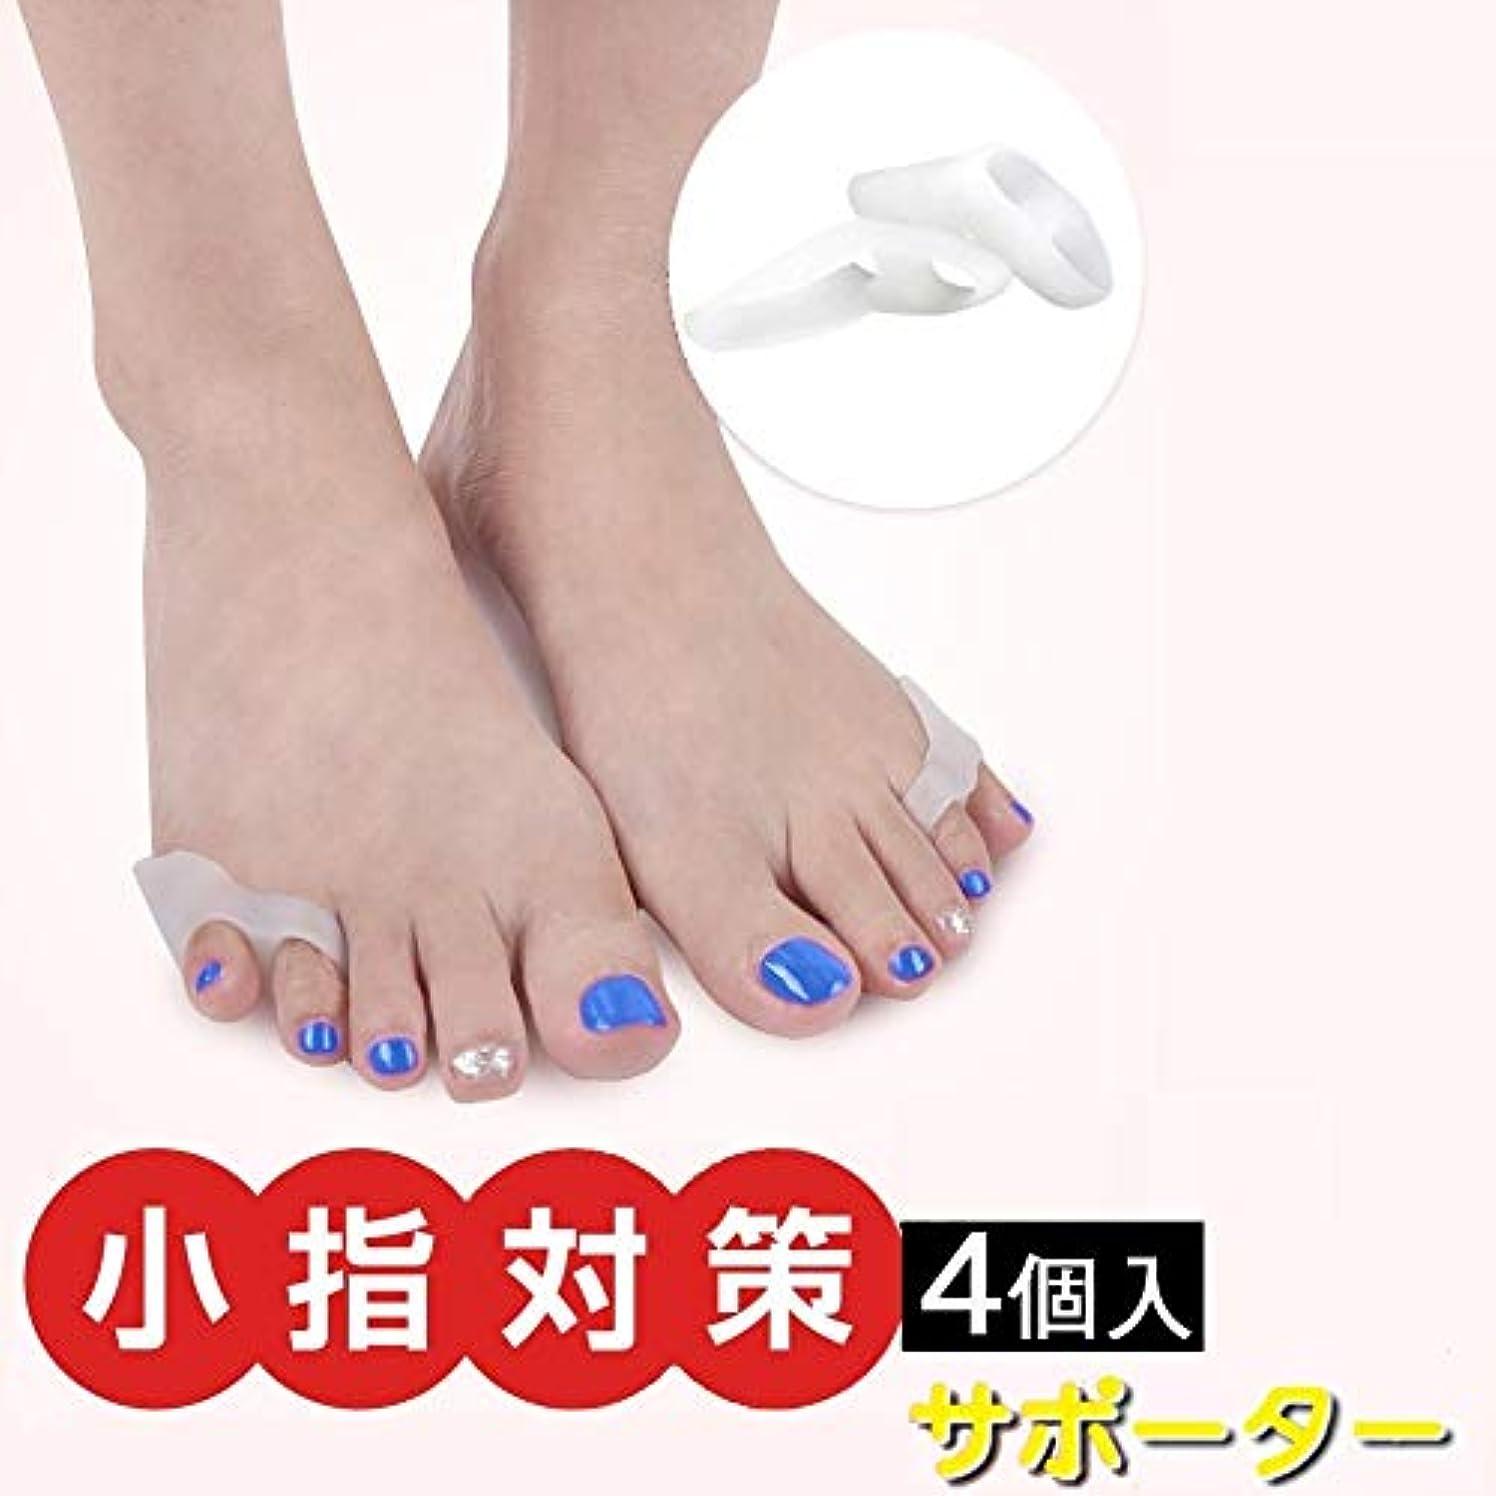 内反小趾 サポーター 小指 矯正パッド 靴ズレ防止 小指ジェルパッド 内反小趾グッズ 予防 小指痛み緩和 フリー6サイズ 男女兼用 2足4個セット (透明-)